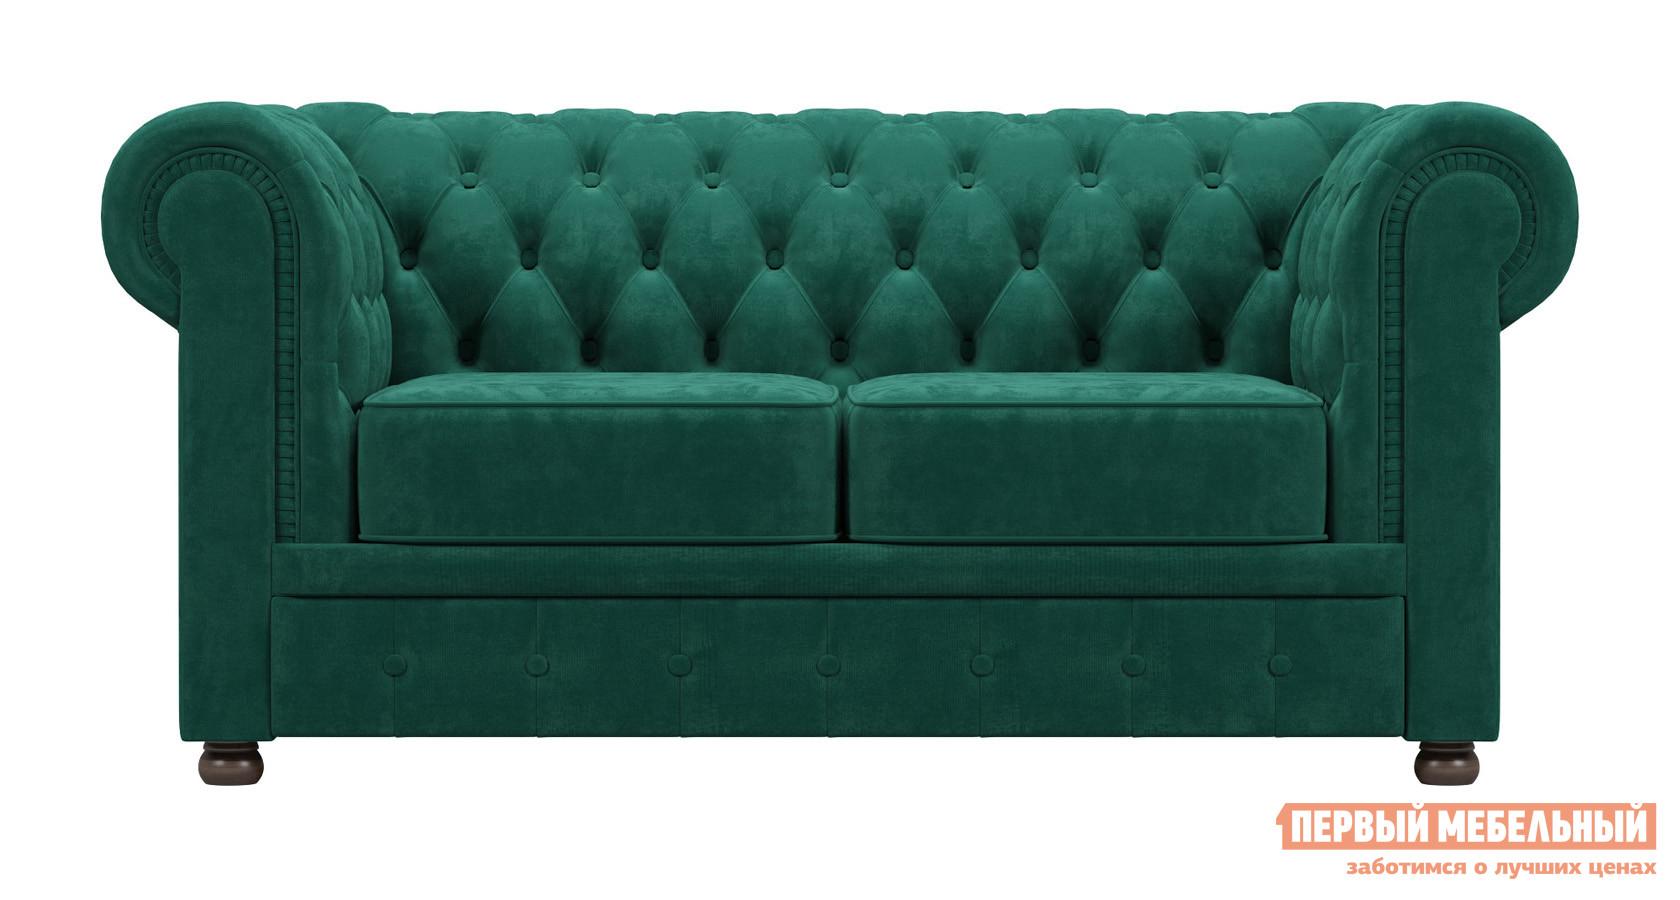 Диван-кровать WOODCRAFT Честер woodcraft диван кровать рейн р 1а